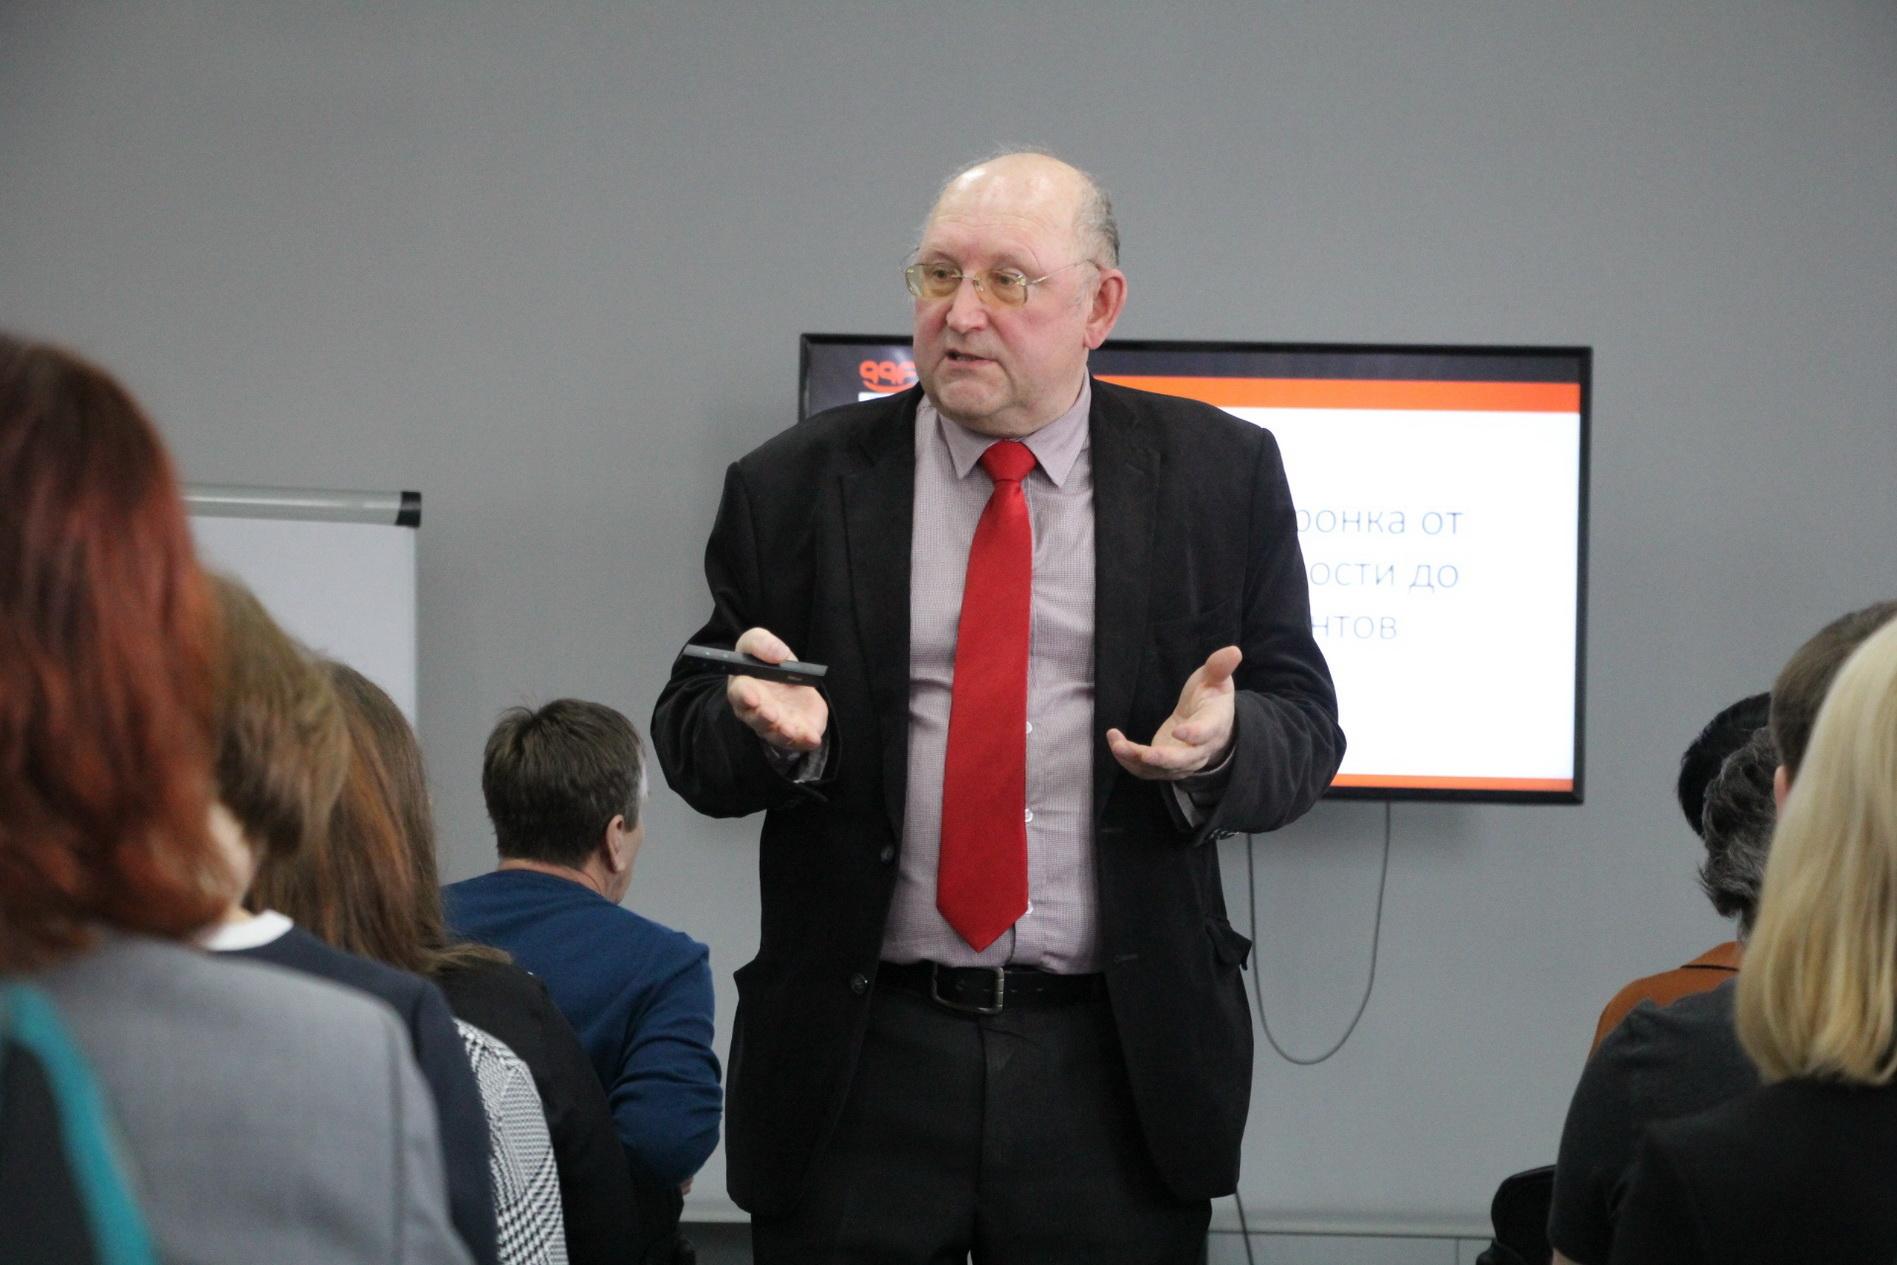 Как выработать стратегию поведения в конфликтных ситуациях с пациентом, рассказал Владимир Попов